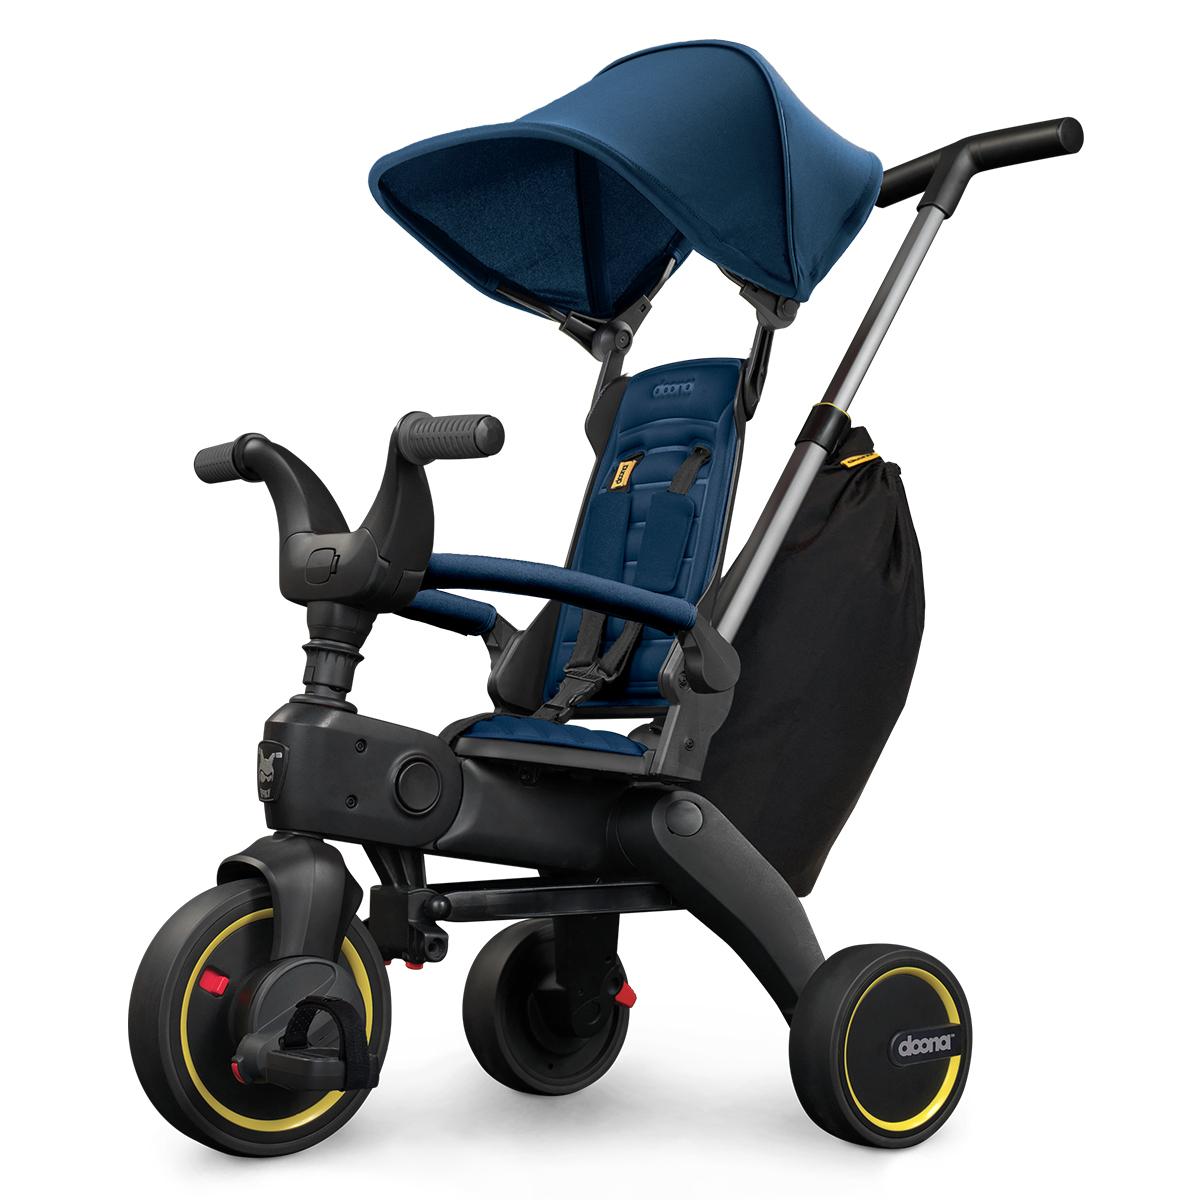 Trotteur & Porteur Tricycle Evolutif Compact Liki Trike S3 - Bleu Royal Tricycle Evolutif Compact Liki Trike S3 - Bleu Royal